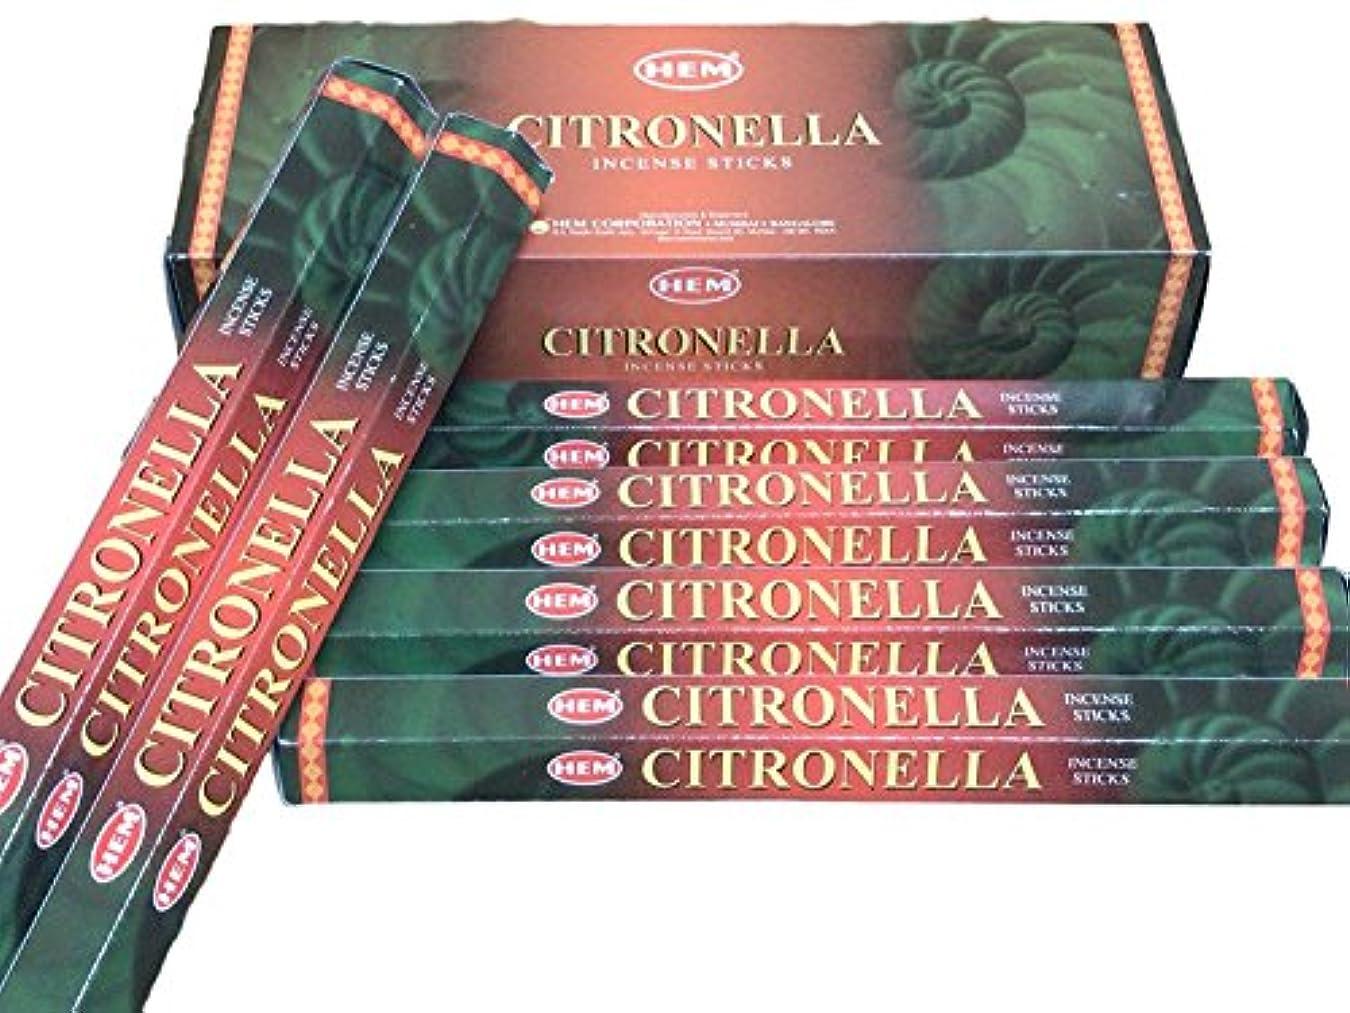 ハイキング失望提供されたHEM ヘム シトロネラ CITRONELLA ステック お香 6本 セット